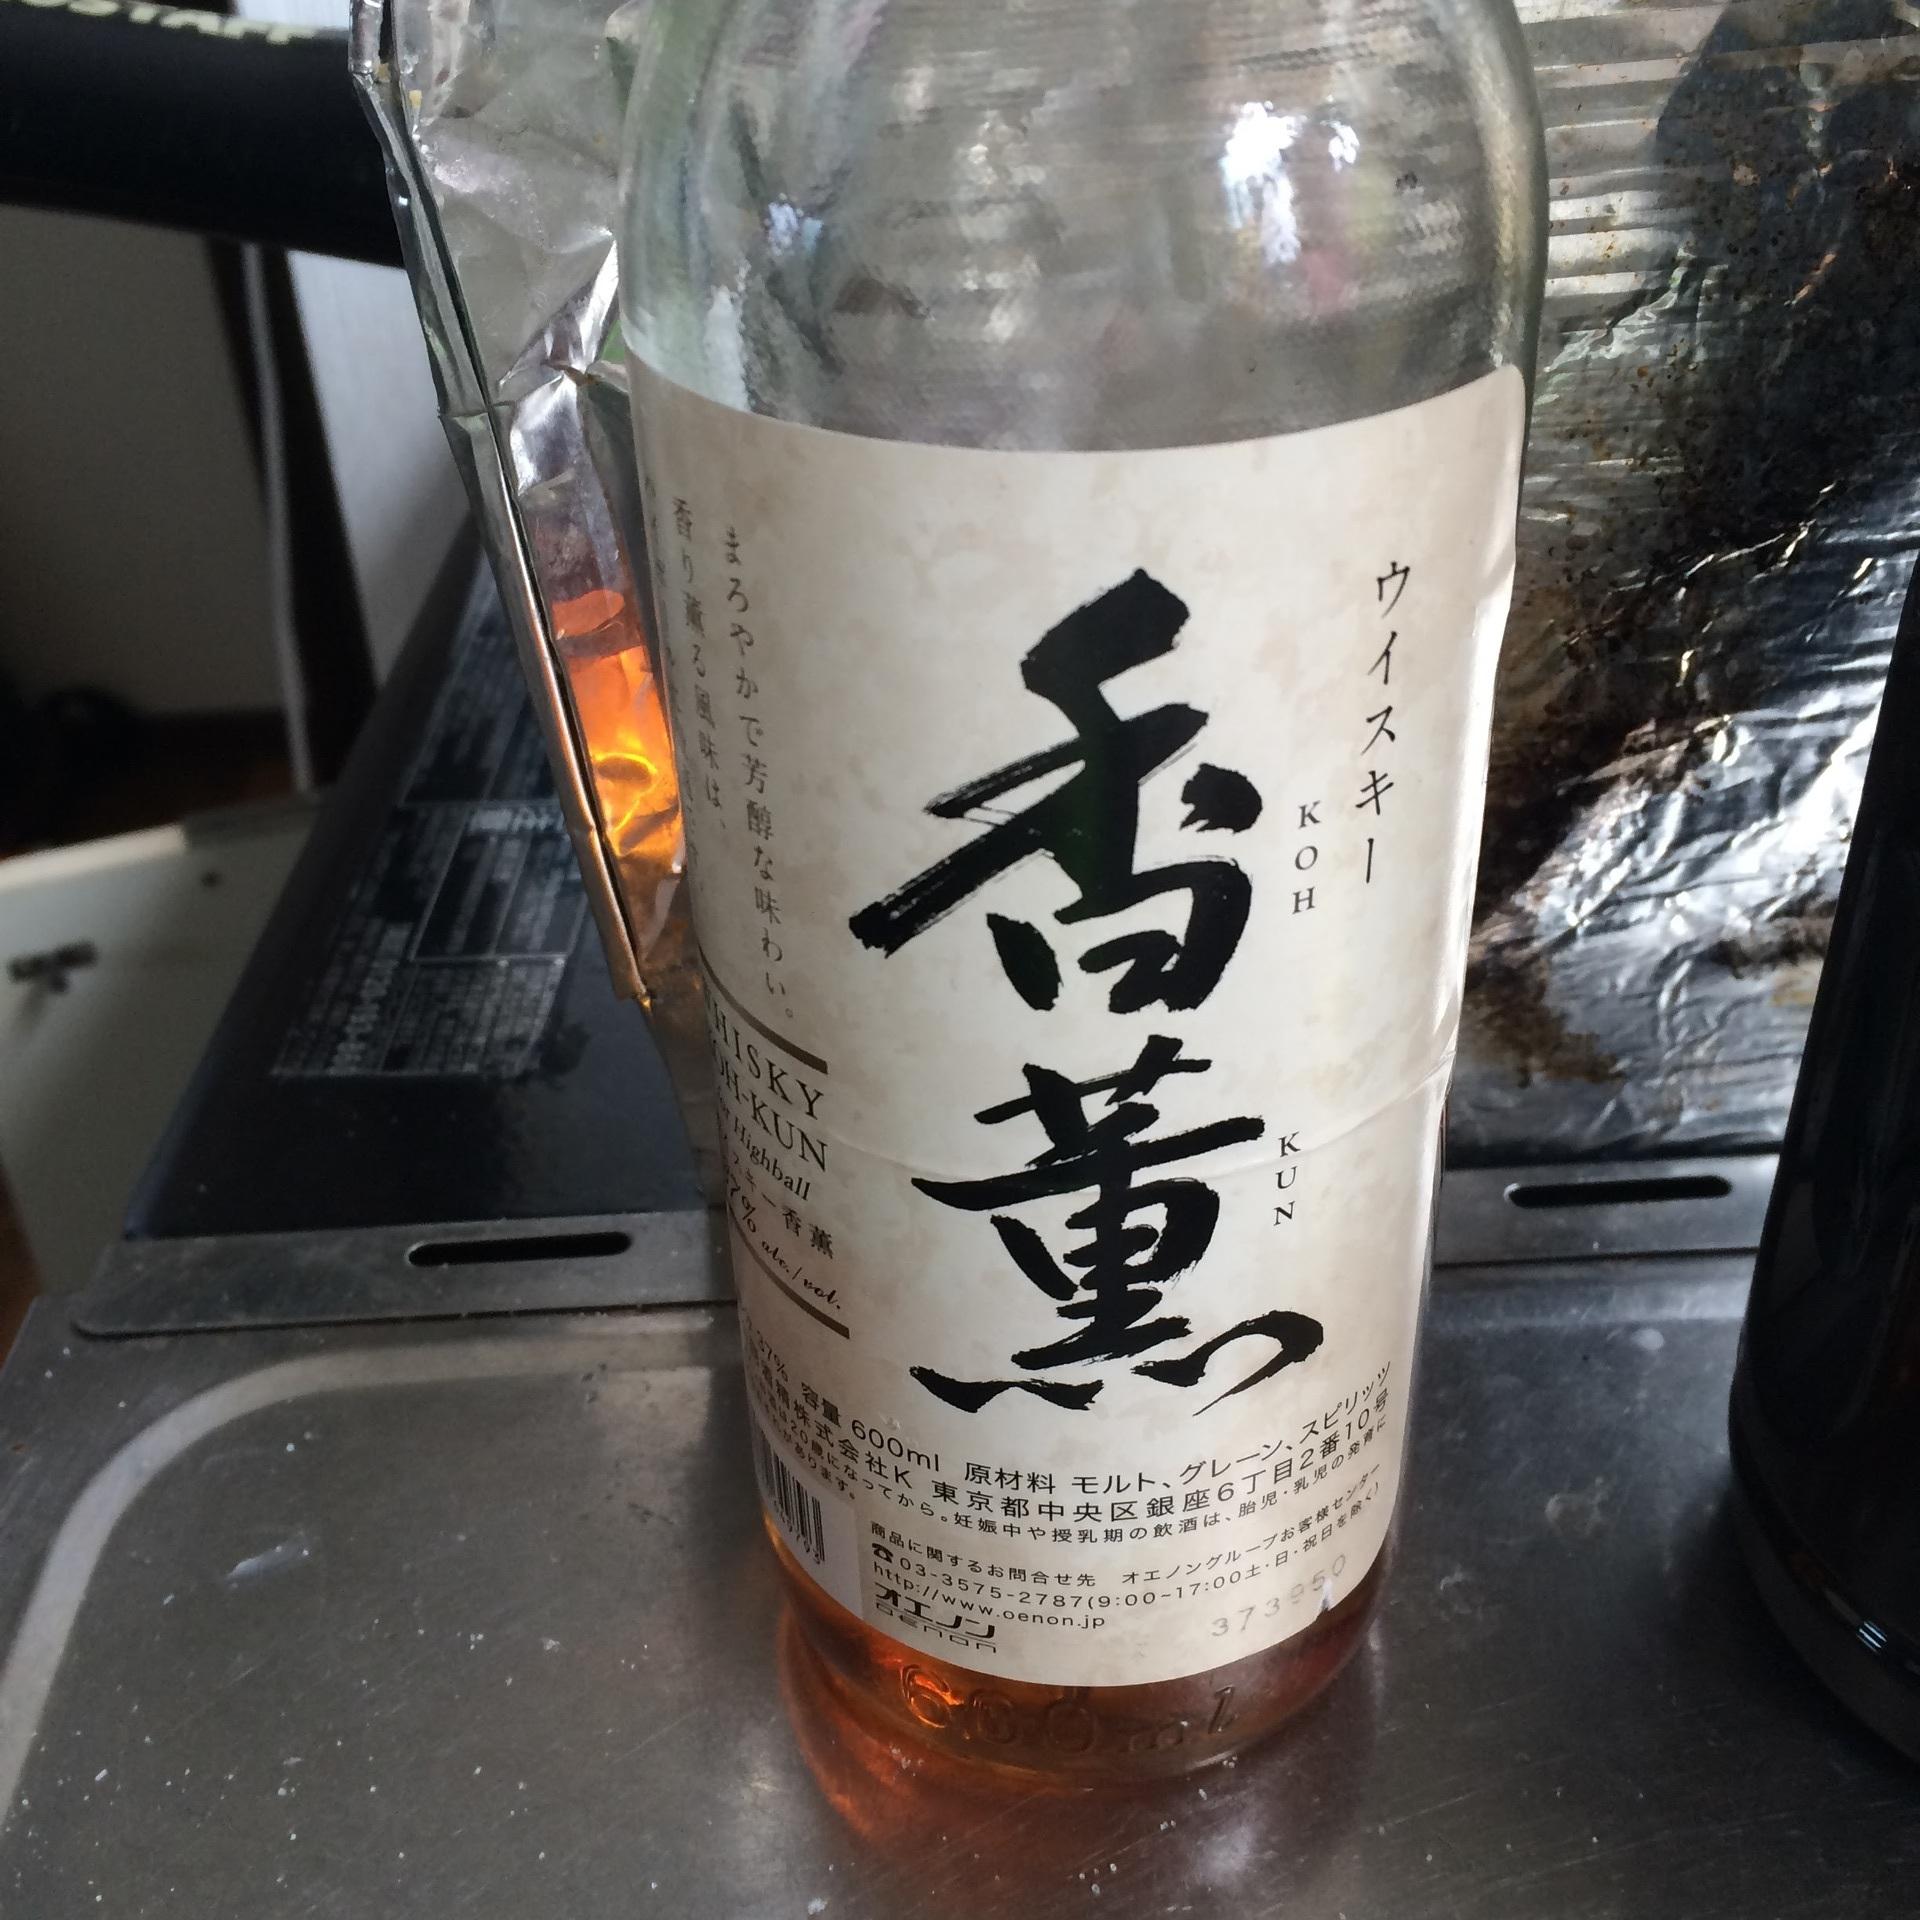 ウィスキー 炒飯 2.jpg